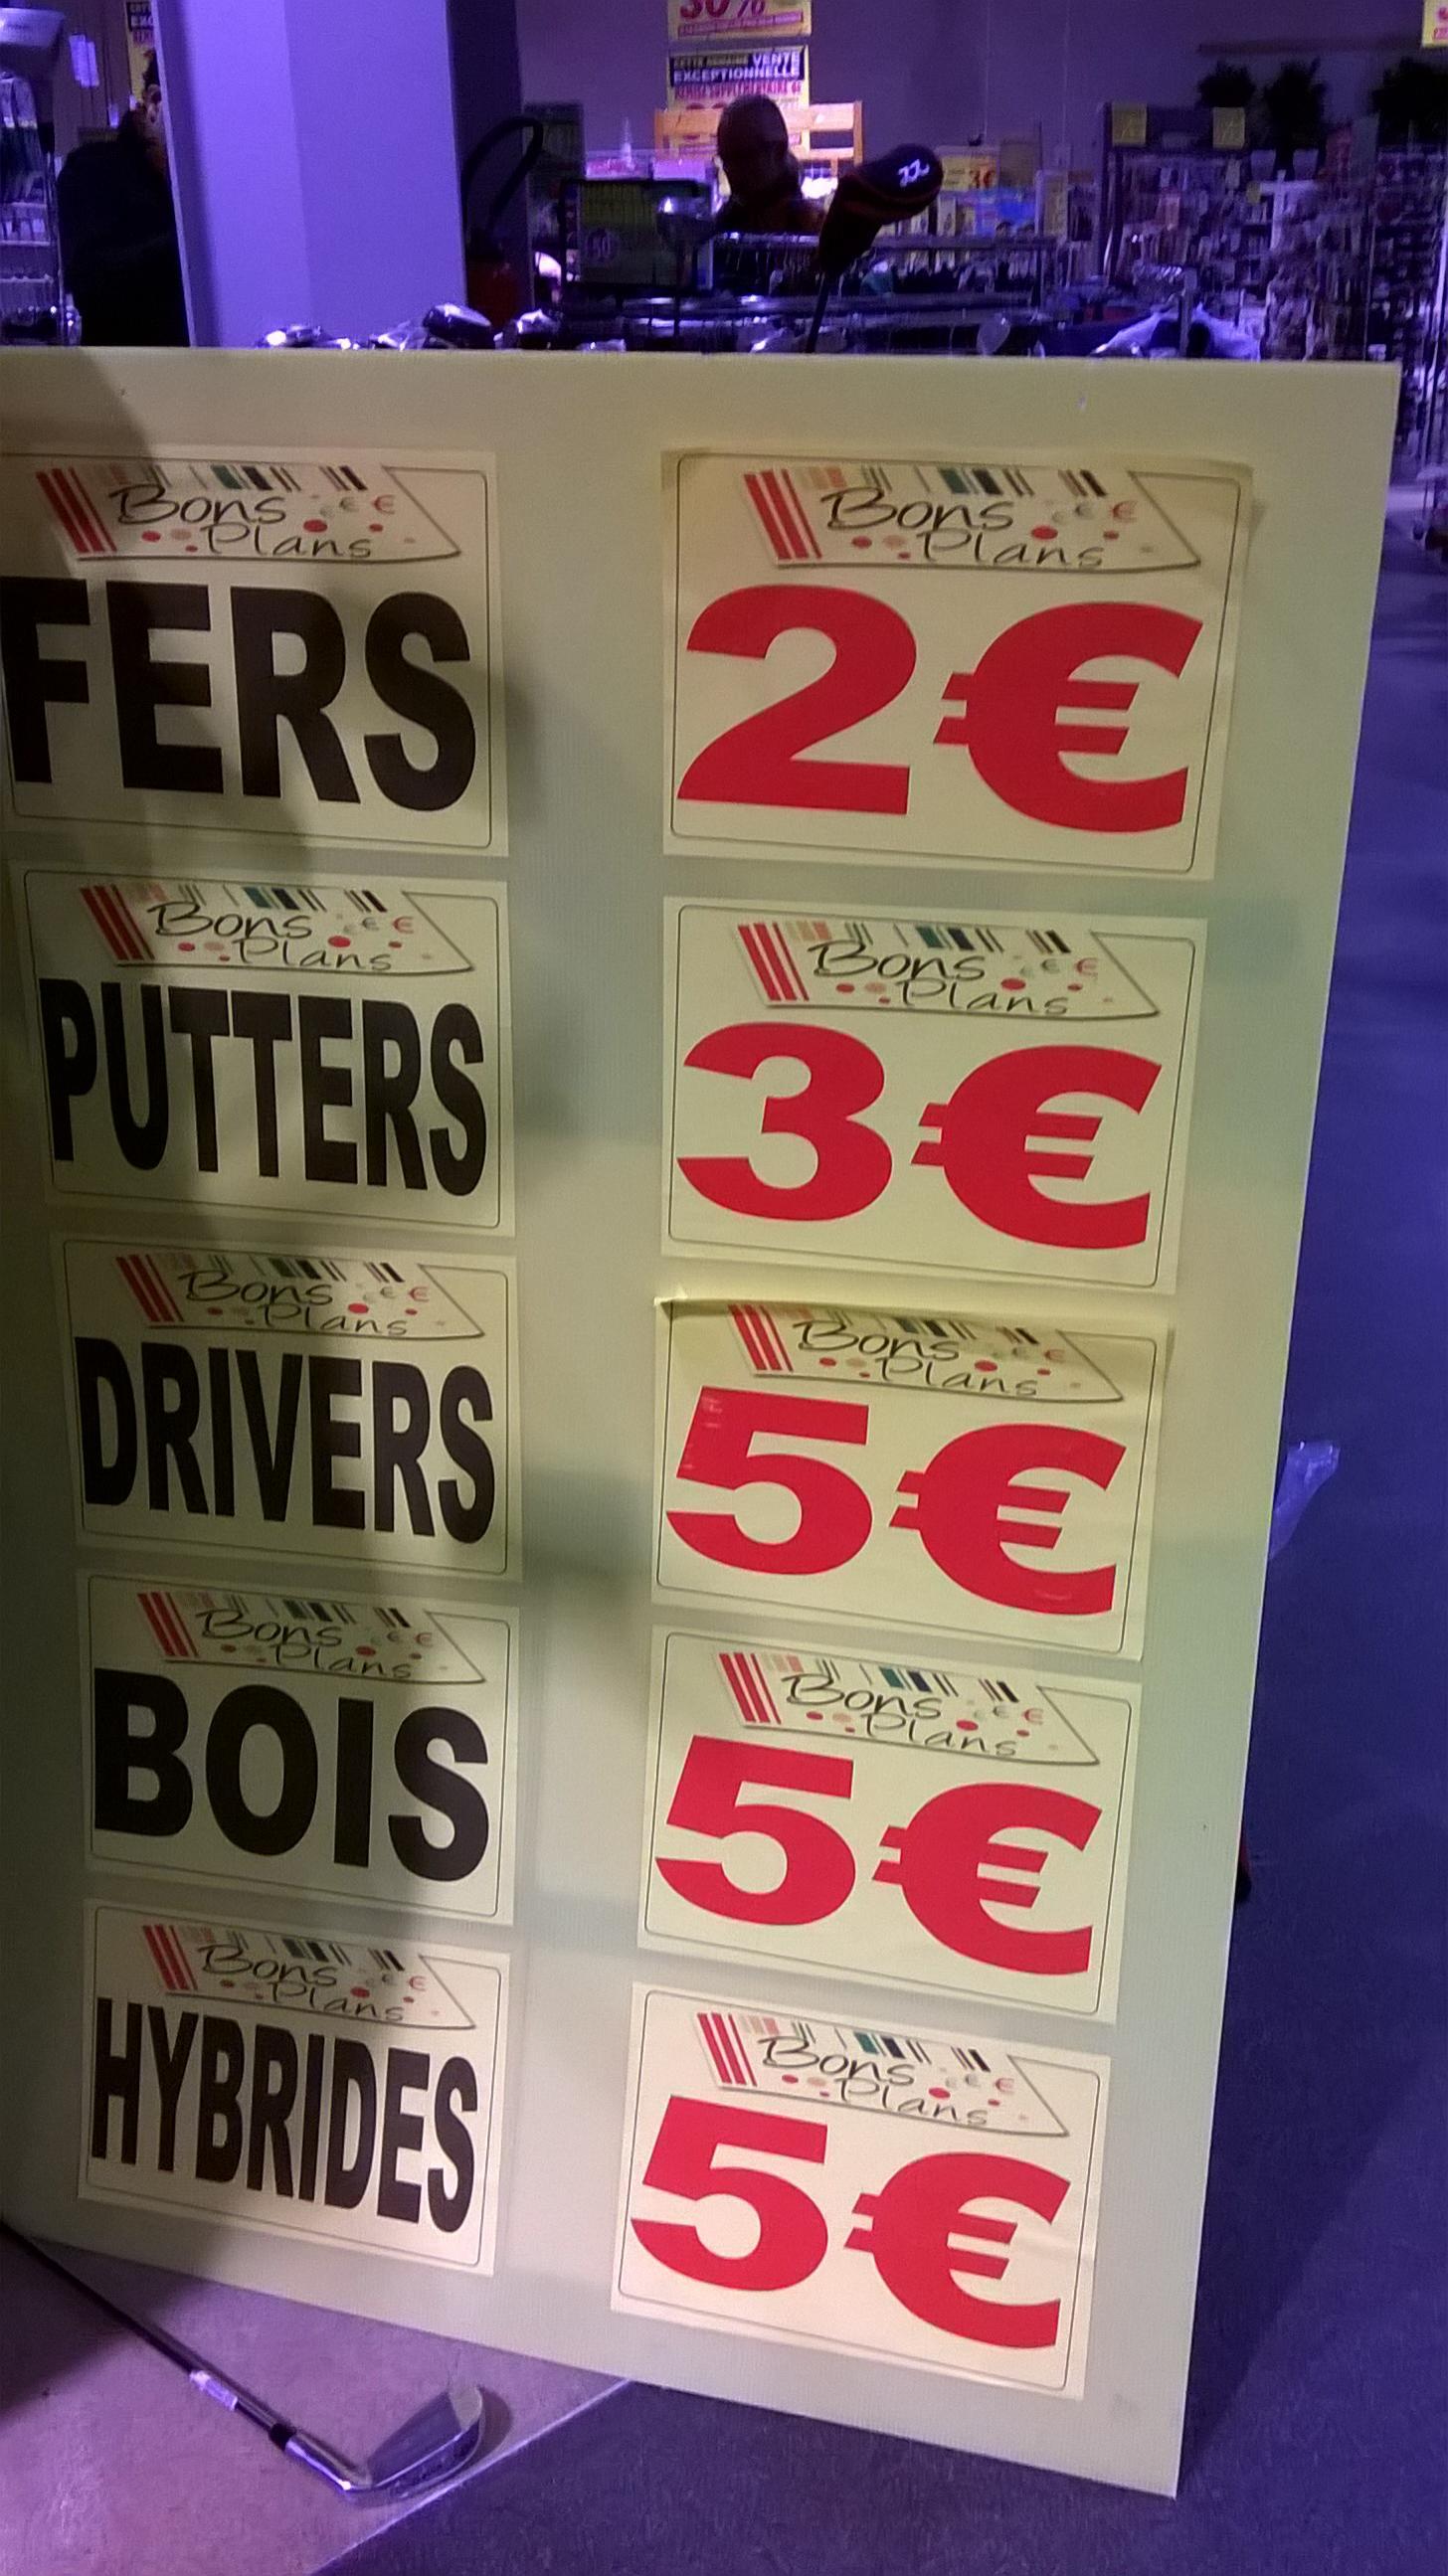 Sélection de clubs de golf